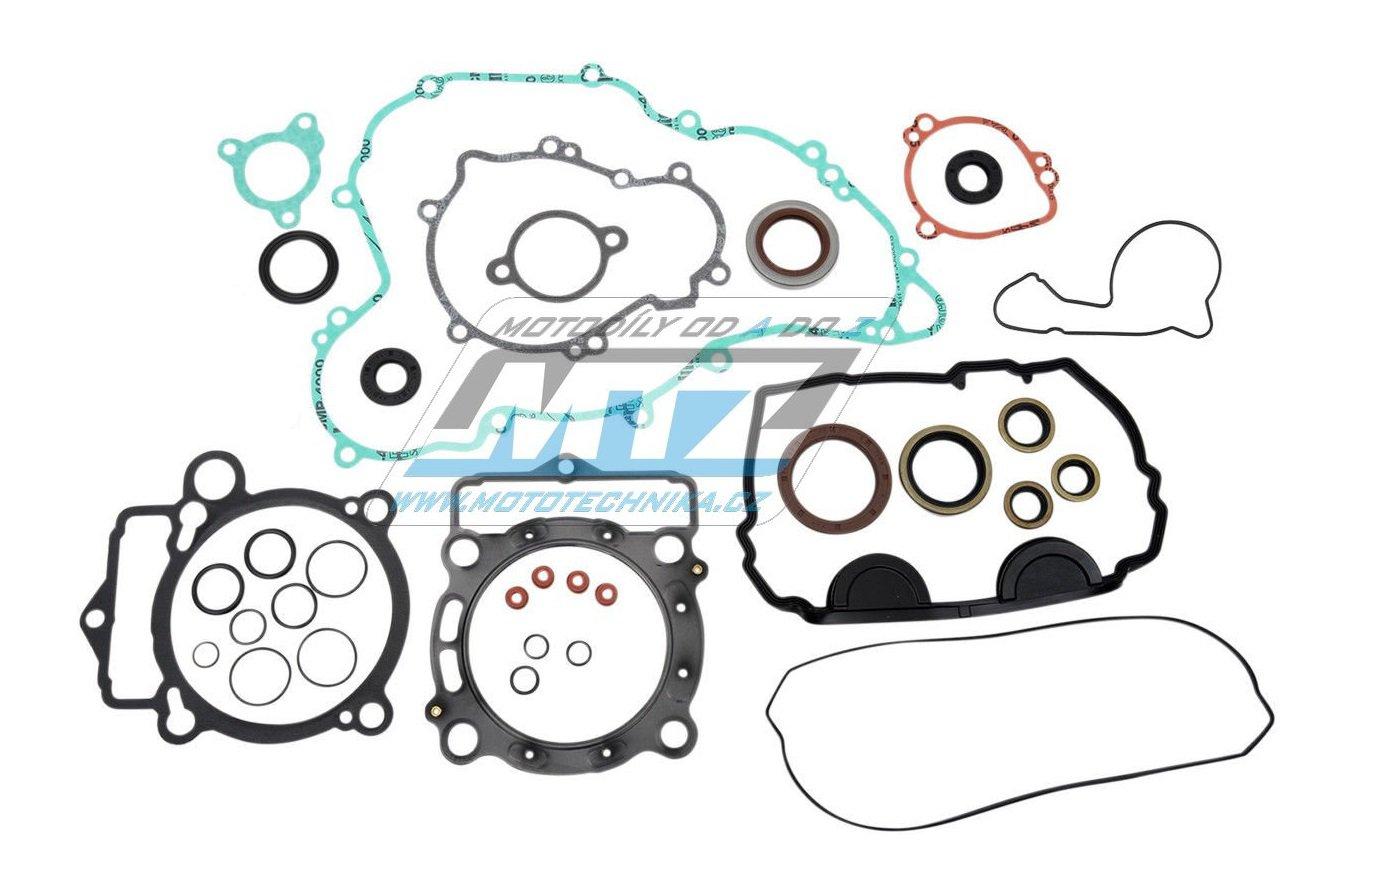 Těsnění kompletní motor (včetně gufer motoru) KTM350 SXF / 11-12 + KTM350 EXCF / 12-15